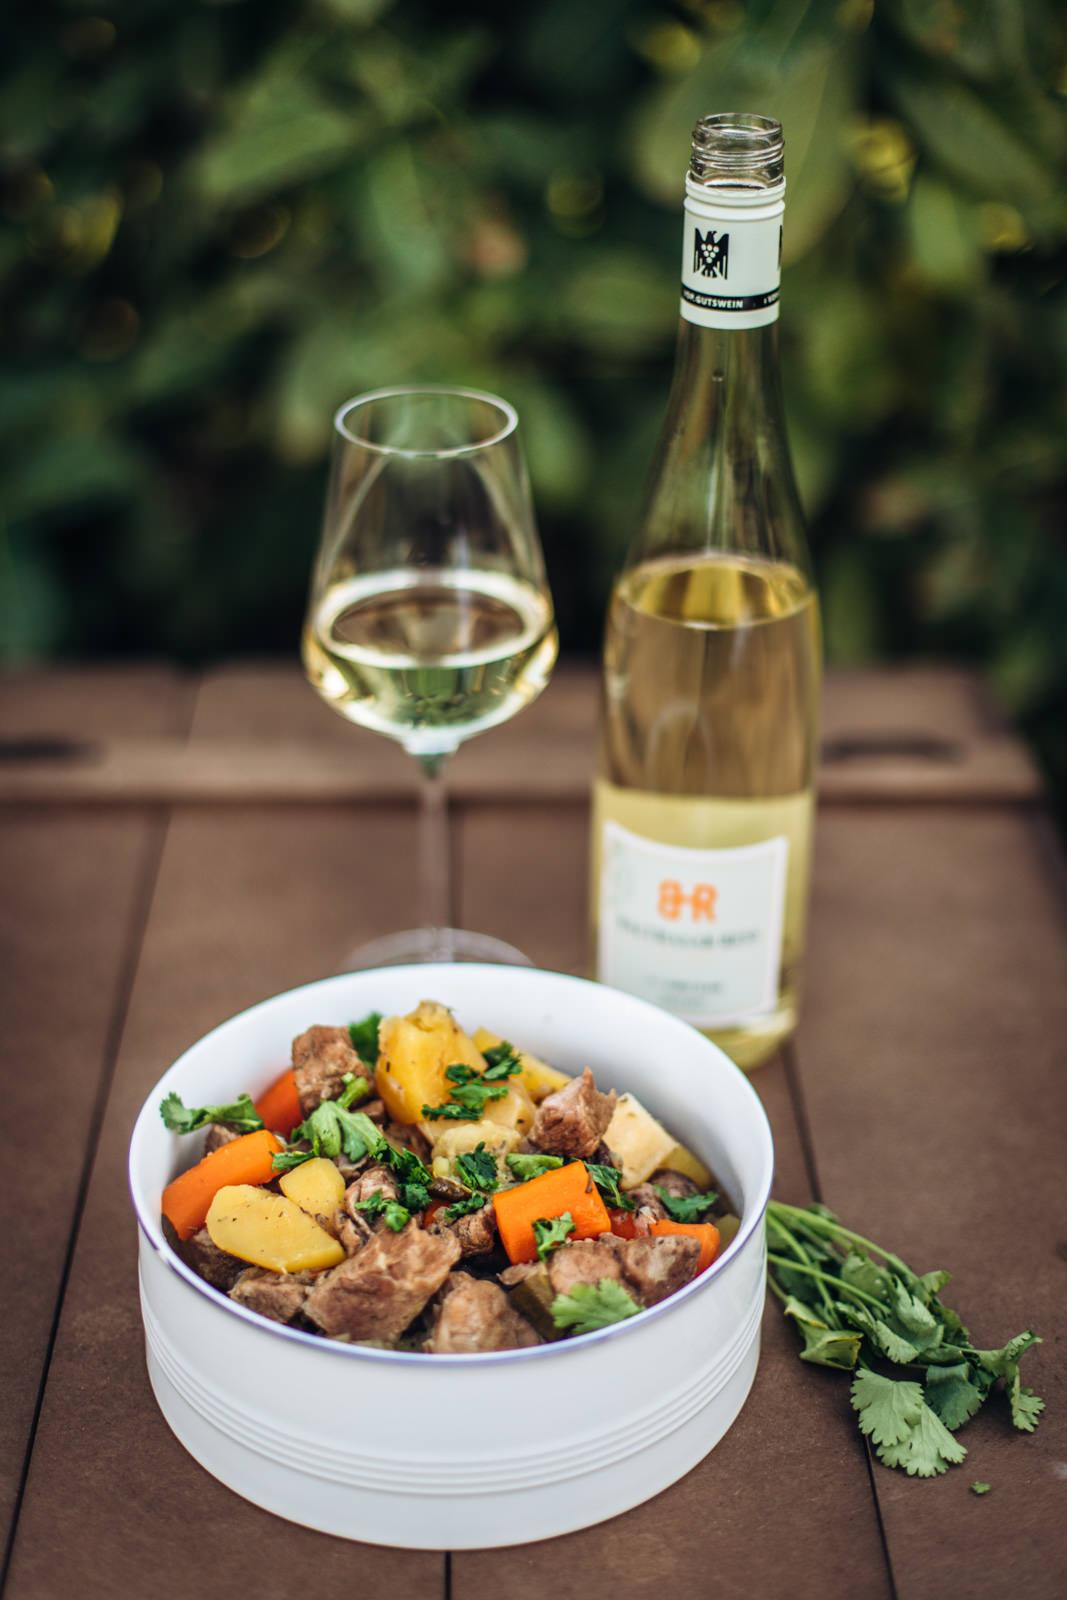 Fertiger Lamm Potjiekos mit einem Glas Weißwein